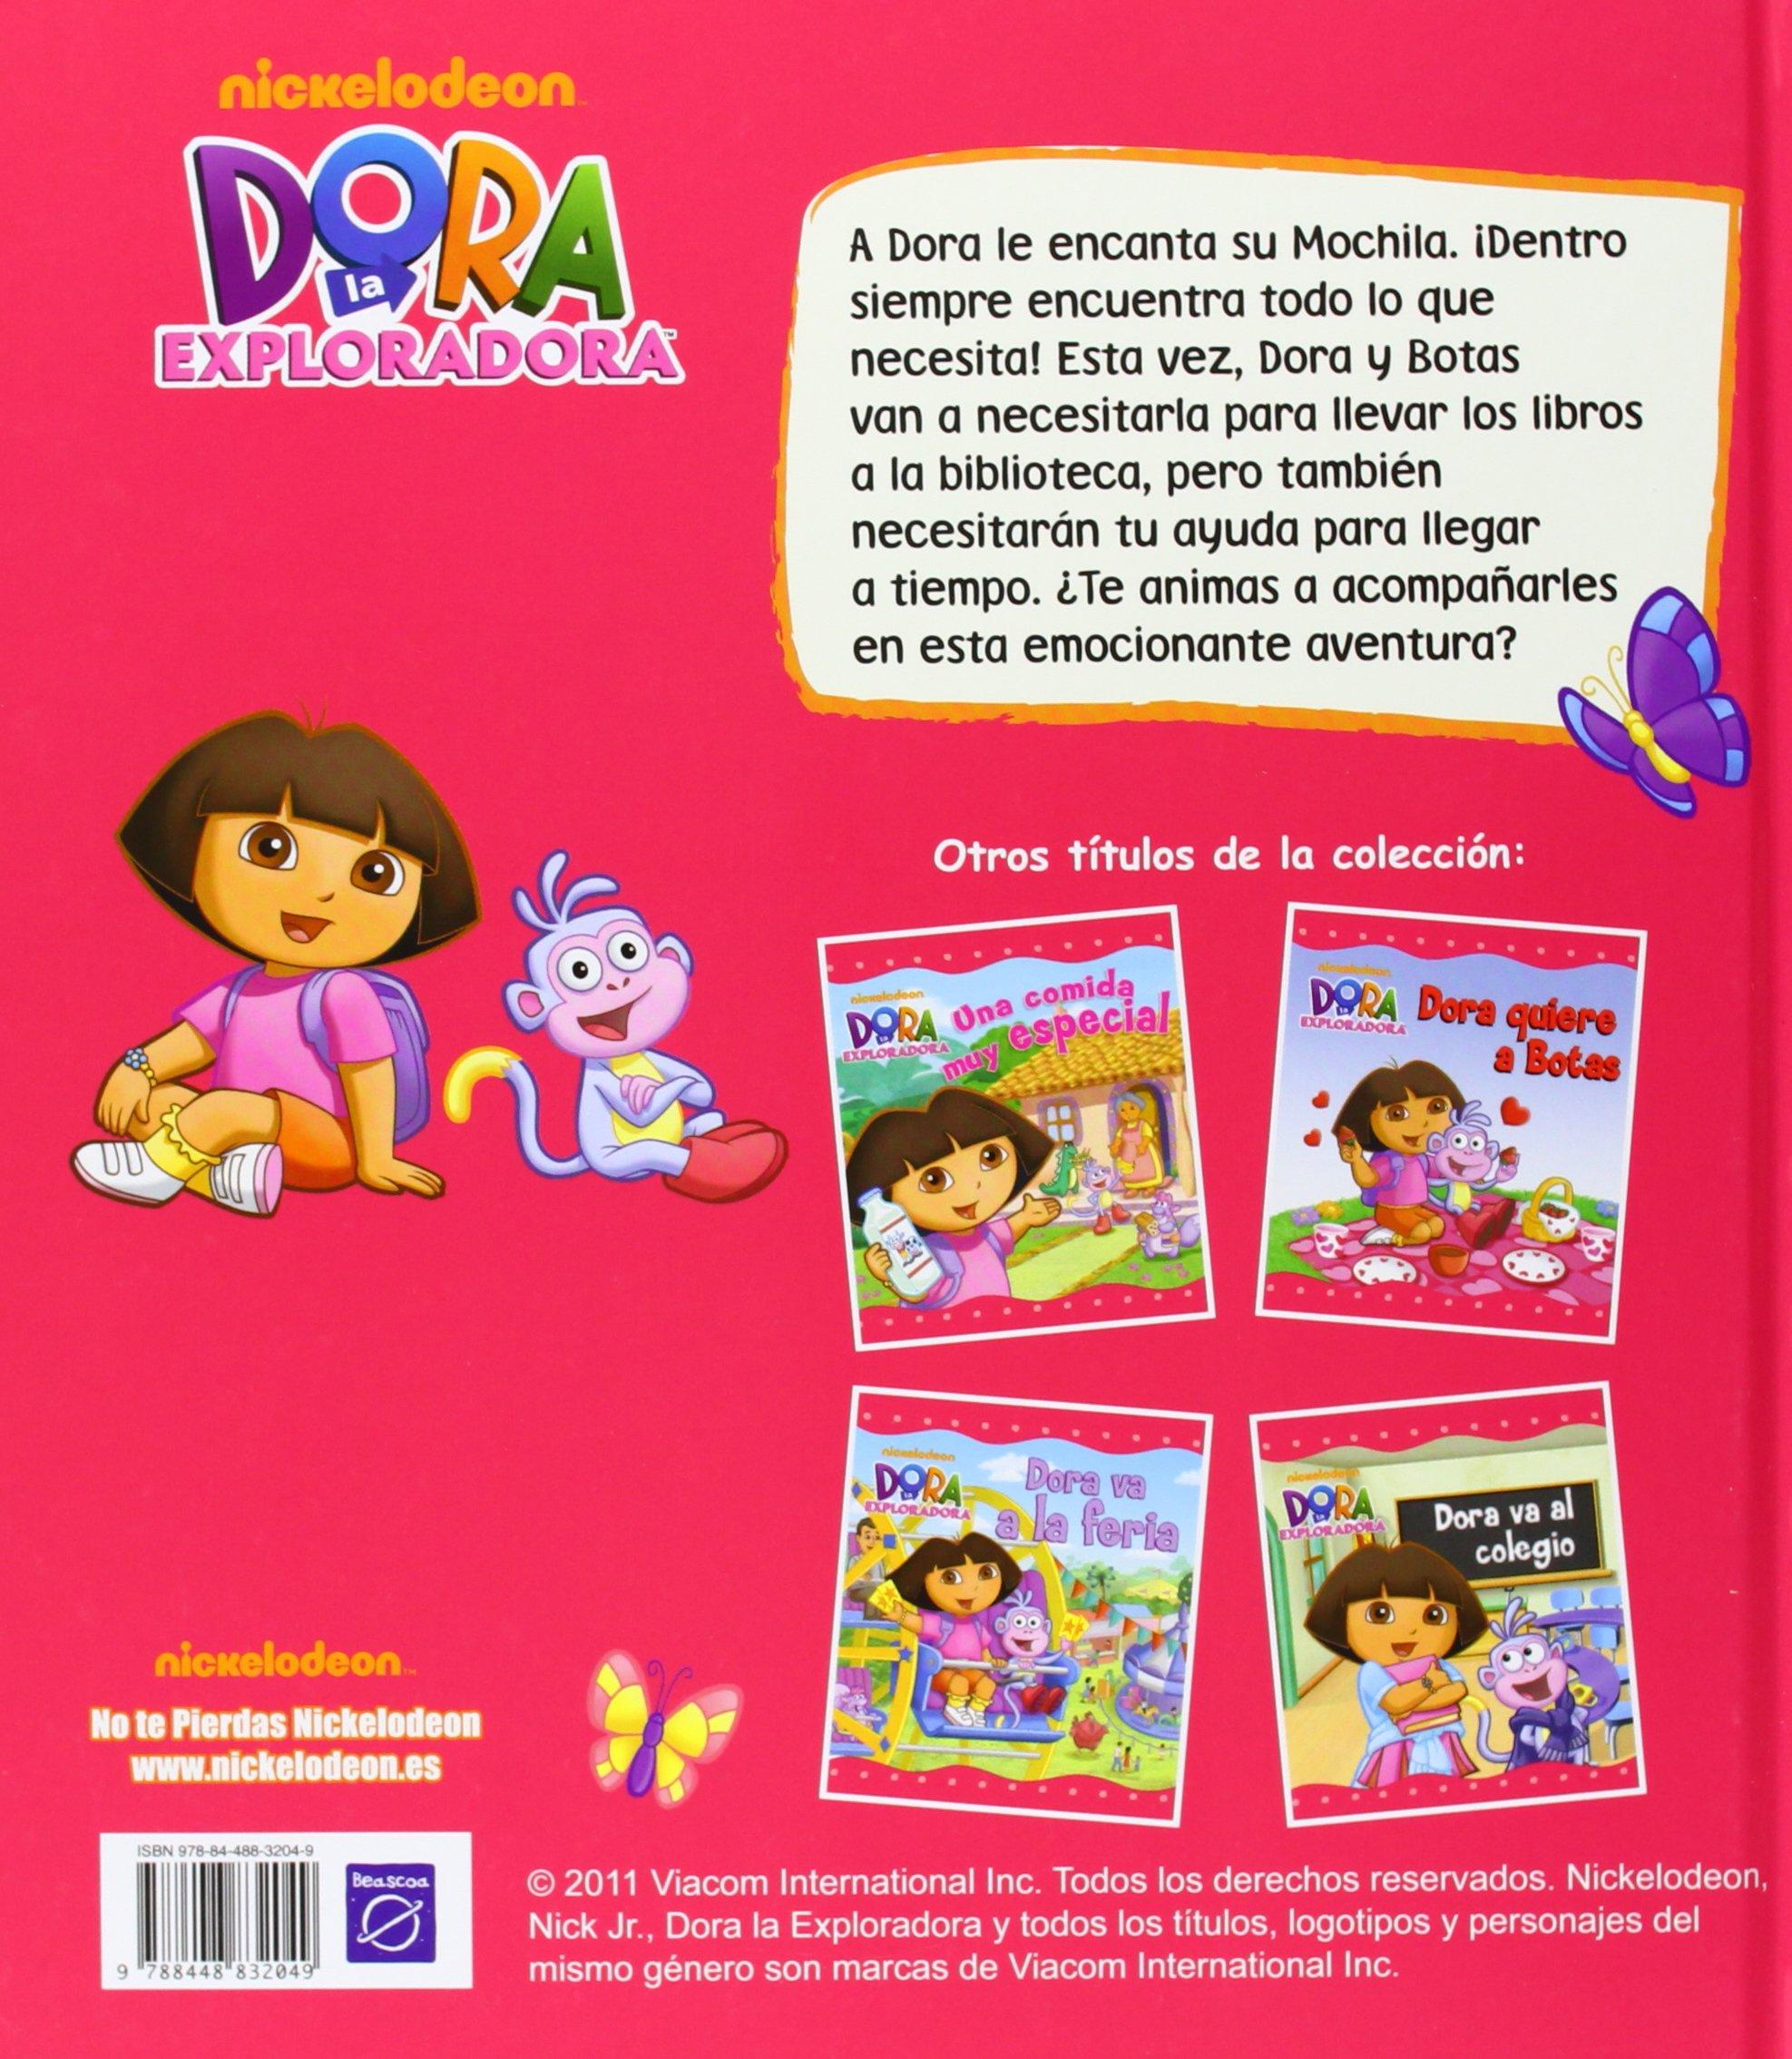 La mochila de Dora (Dora la Exploradora): Nickelodeon: 9788448832049: Amazon.com: Books